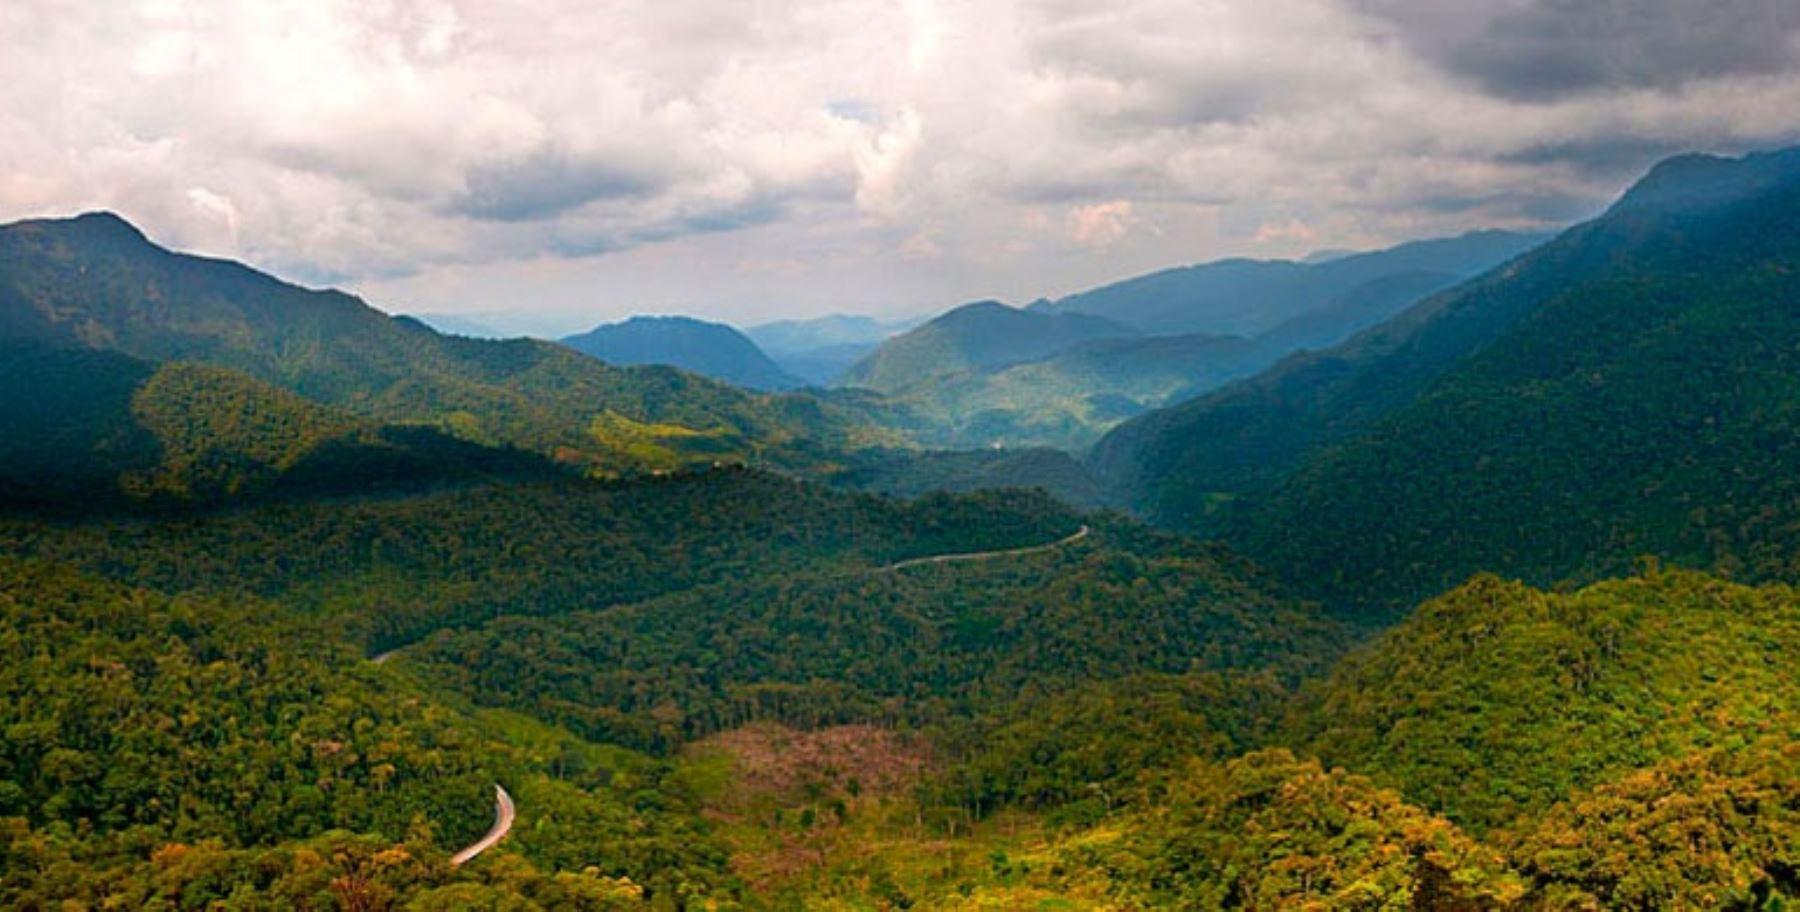 El Bosque de Protección de Pagaibamba (BPP) está ubicado en el distrito de Querocoto en la provincia de Chota, departamento de Cajamarca; y tiene una extensión de 2,078.38 hectáreas.